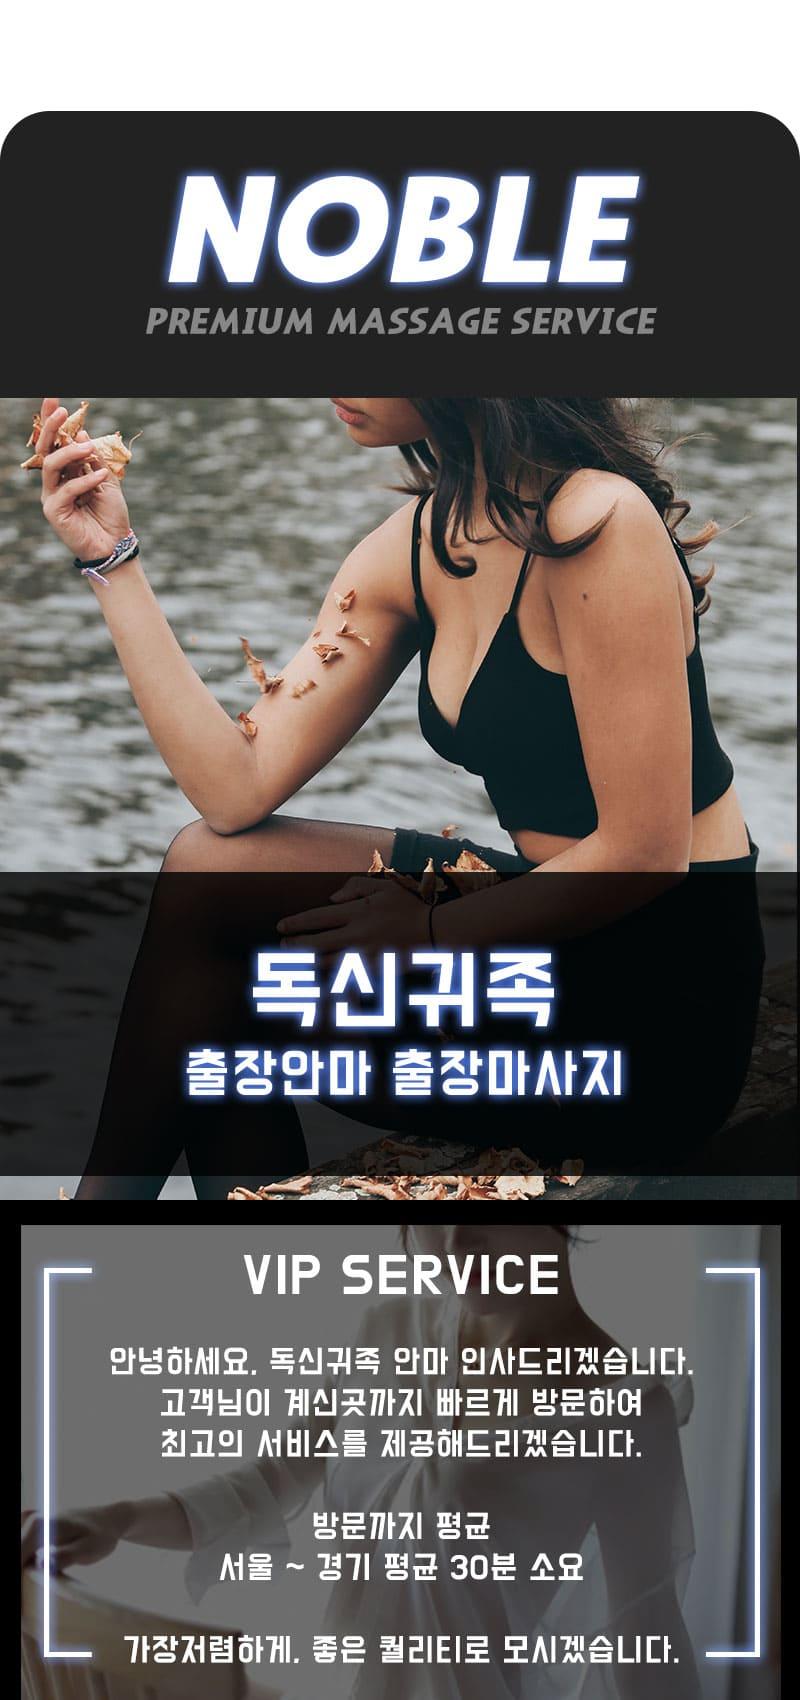 성남출장안마 소개